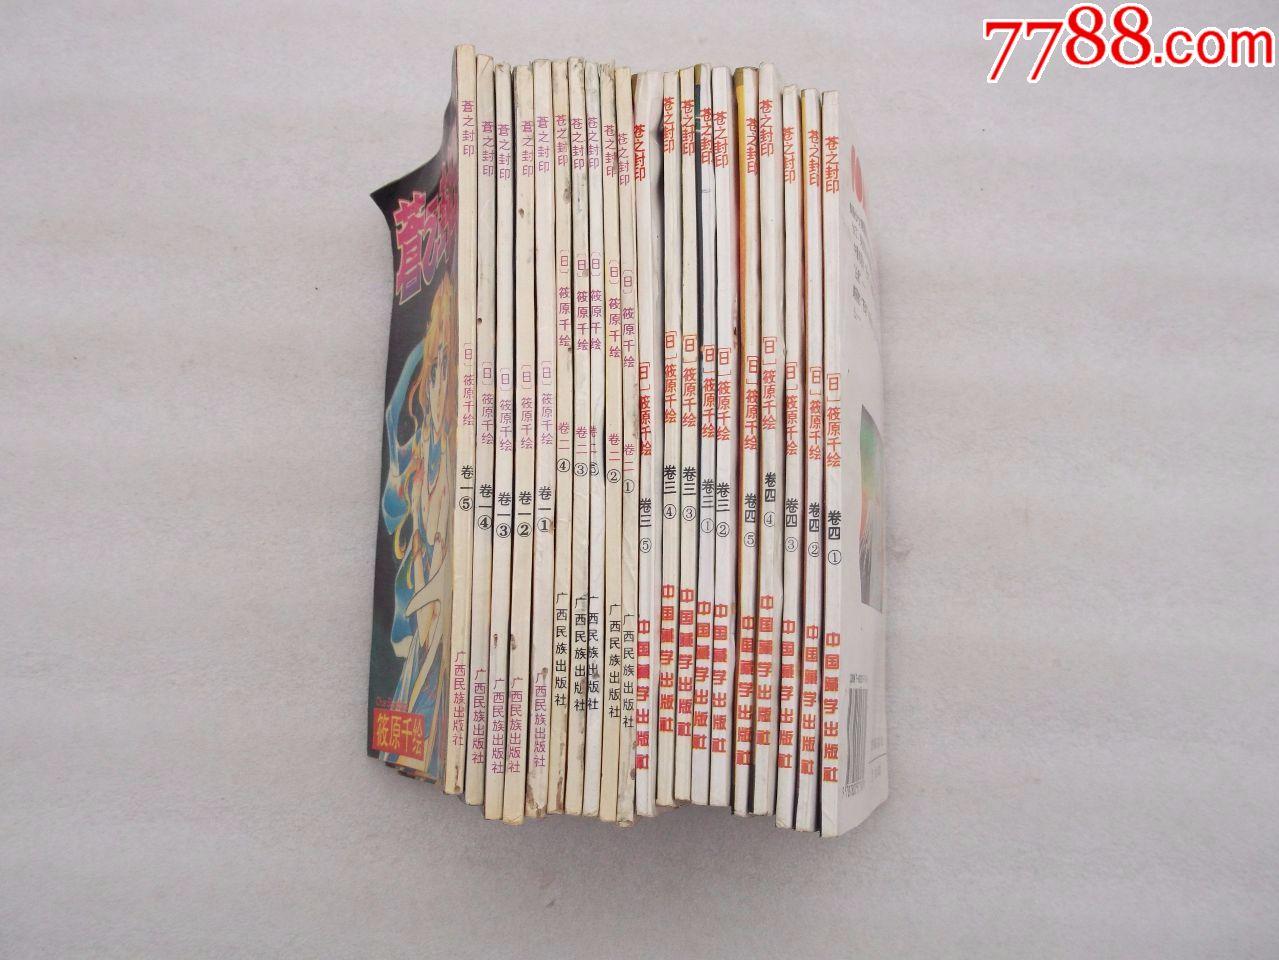 卡通漫画;《苍之封印》(全5卷共20册)合售包邮血漫画尸图片